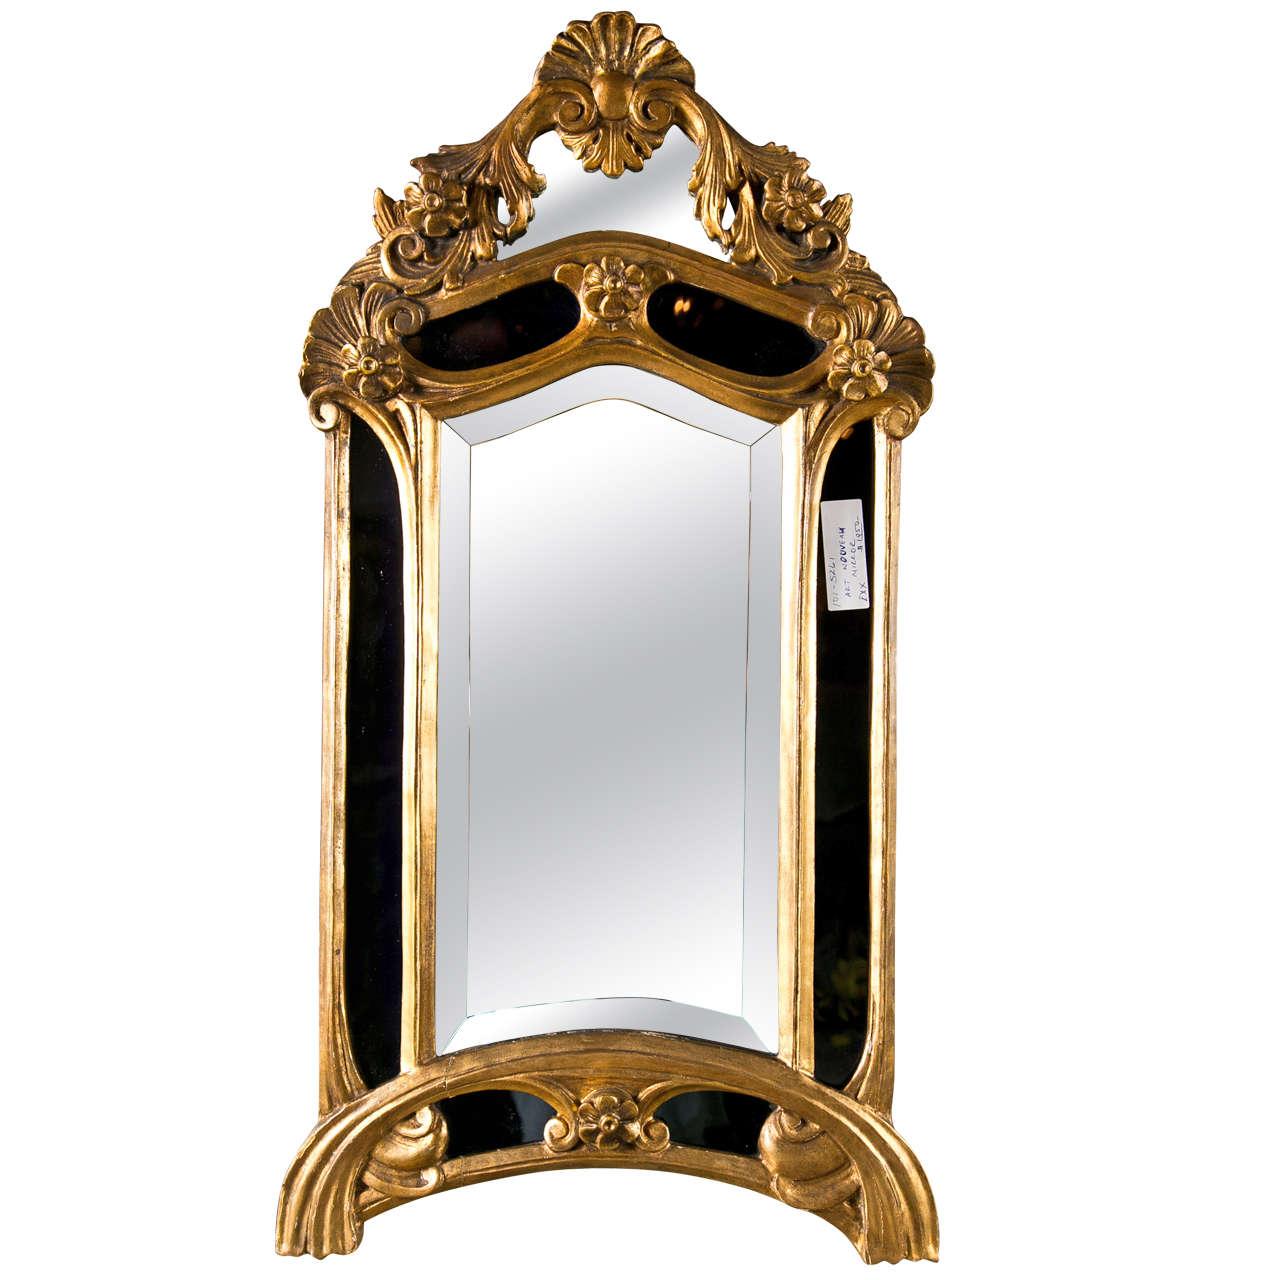 Art nouveau style giltwood mirror by maison jansen at 1stdibs for Miroir art nouveau